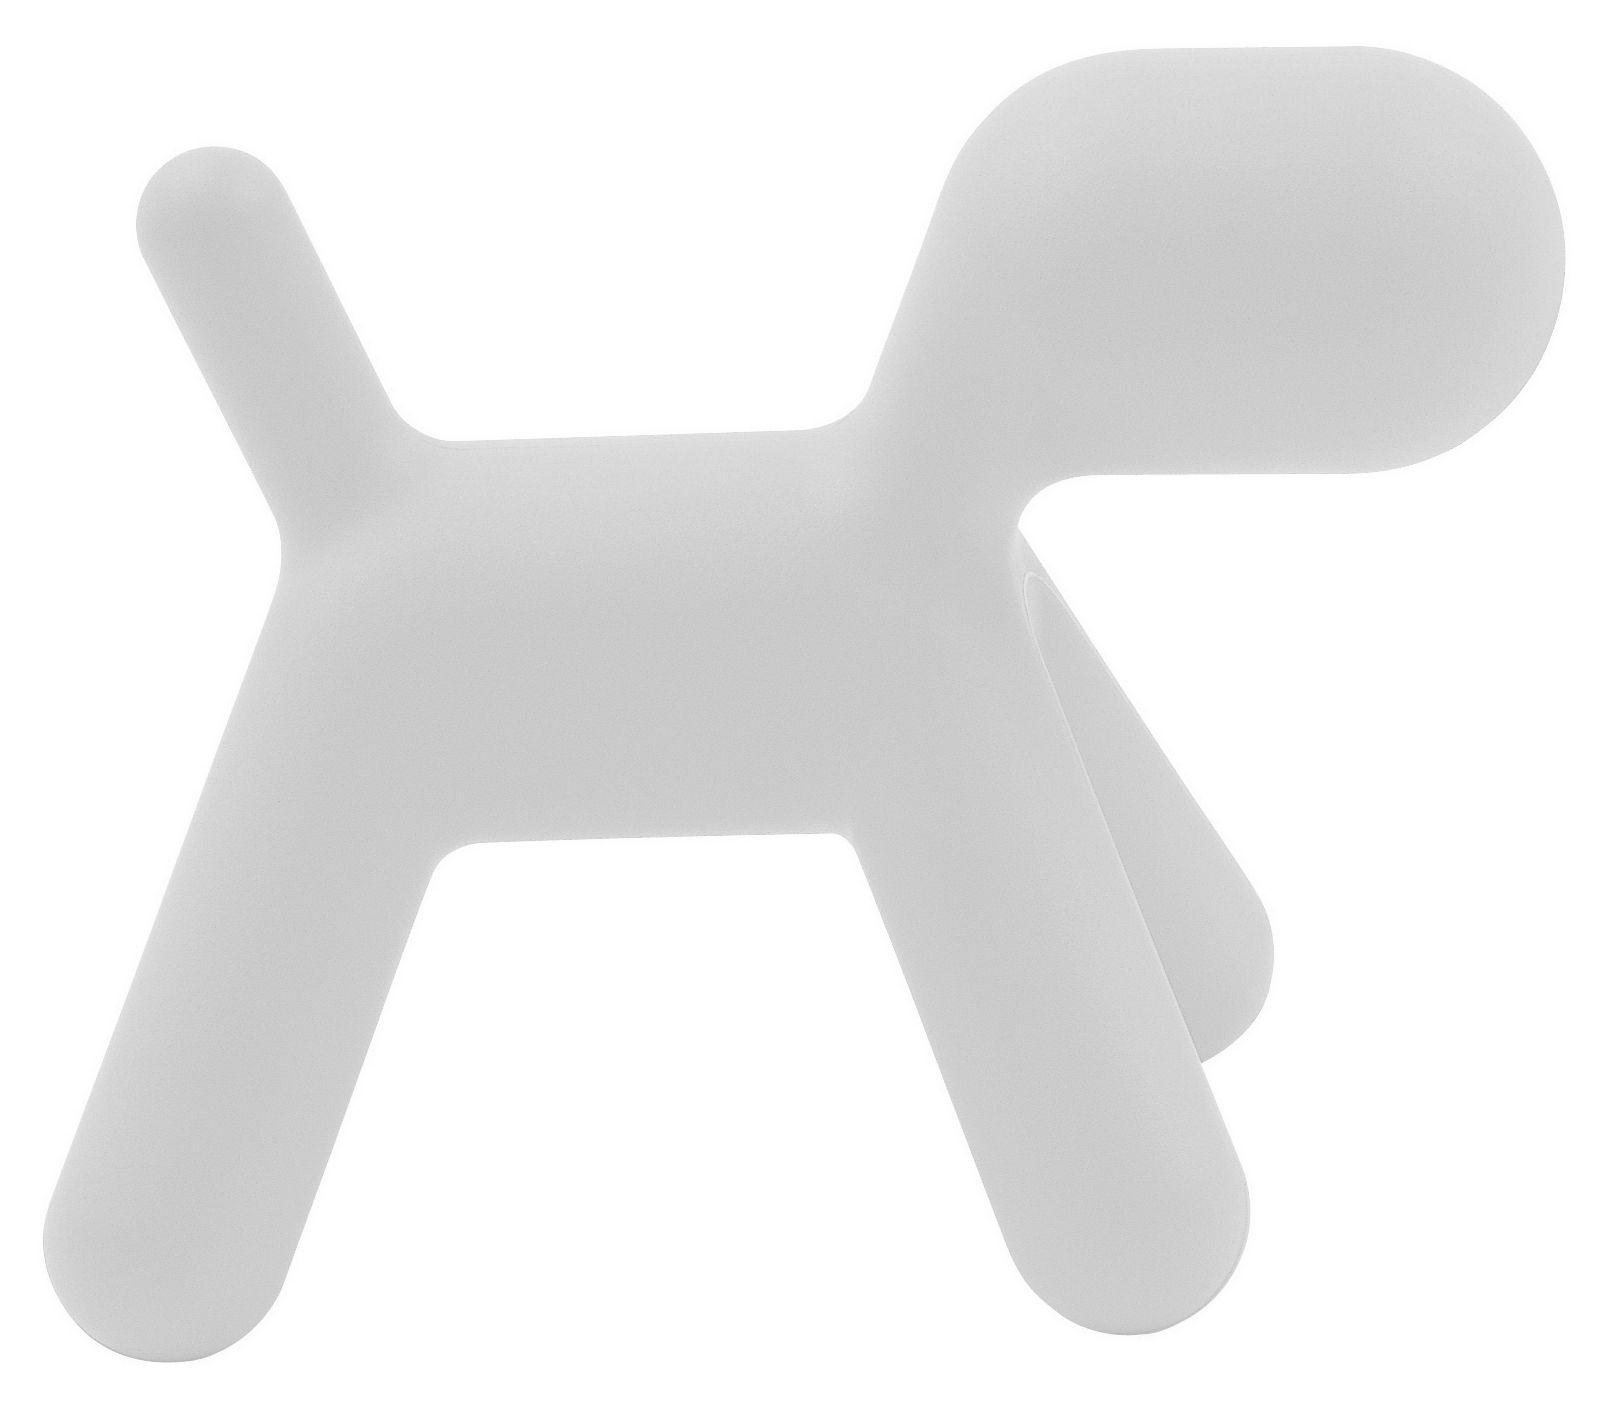 Mobilier - Mobilier Kids - Chaise enfant Puppy Medium L 56 cm - Magis Collection Me Too - Blanc mat - Polyéthylène